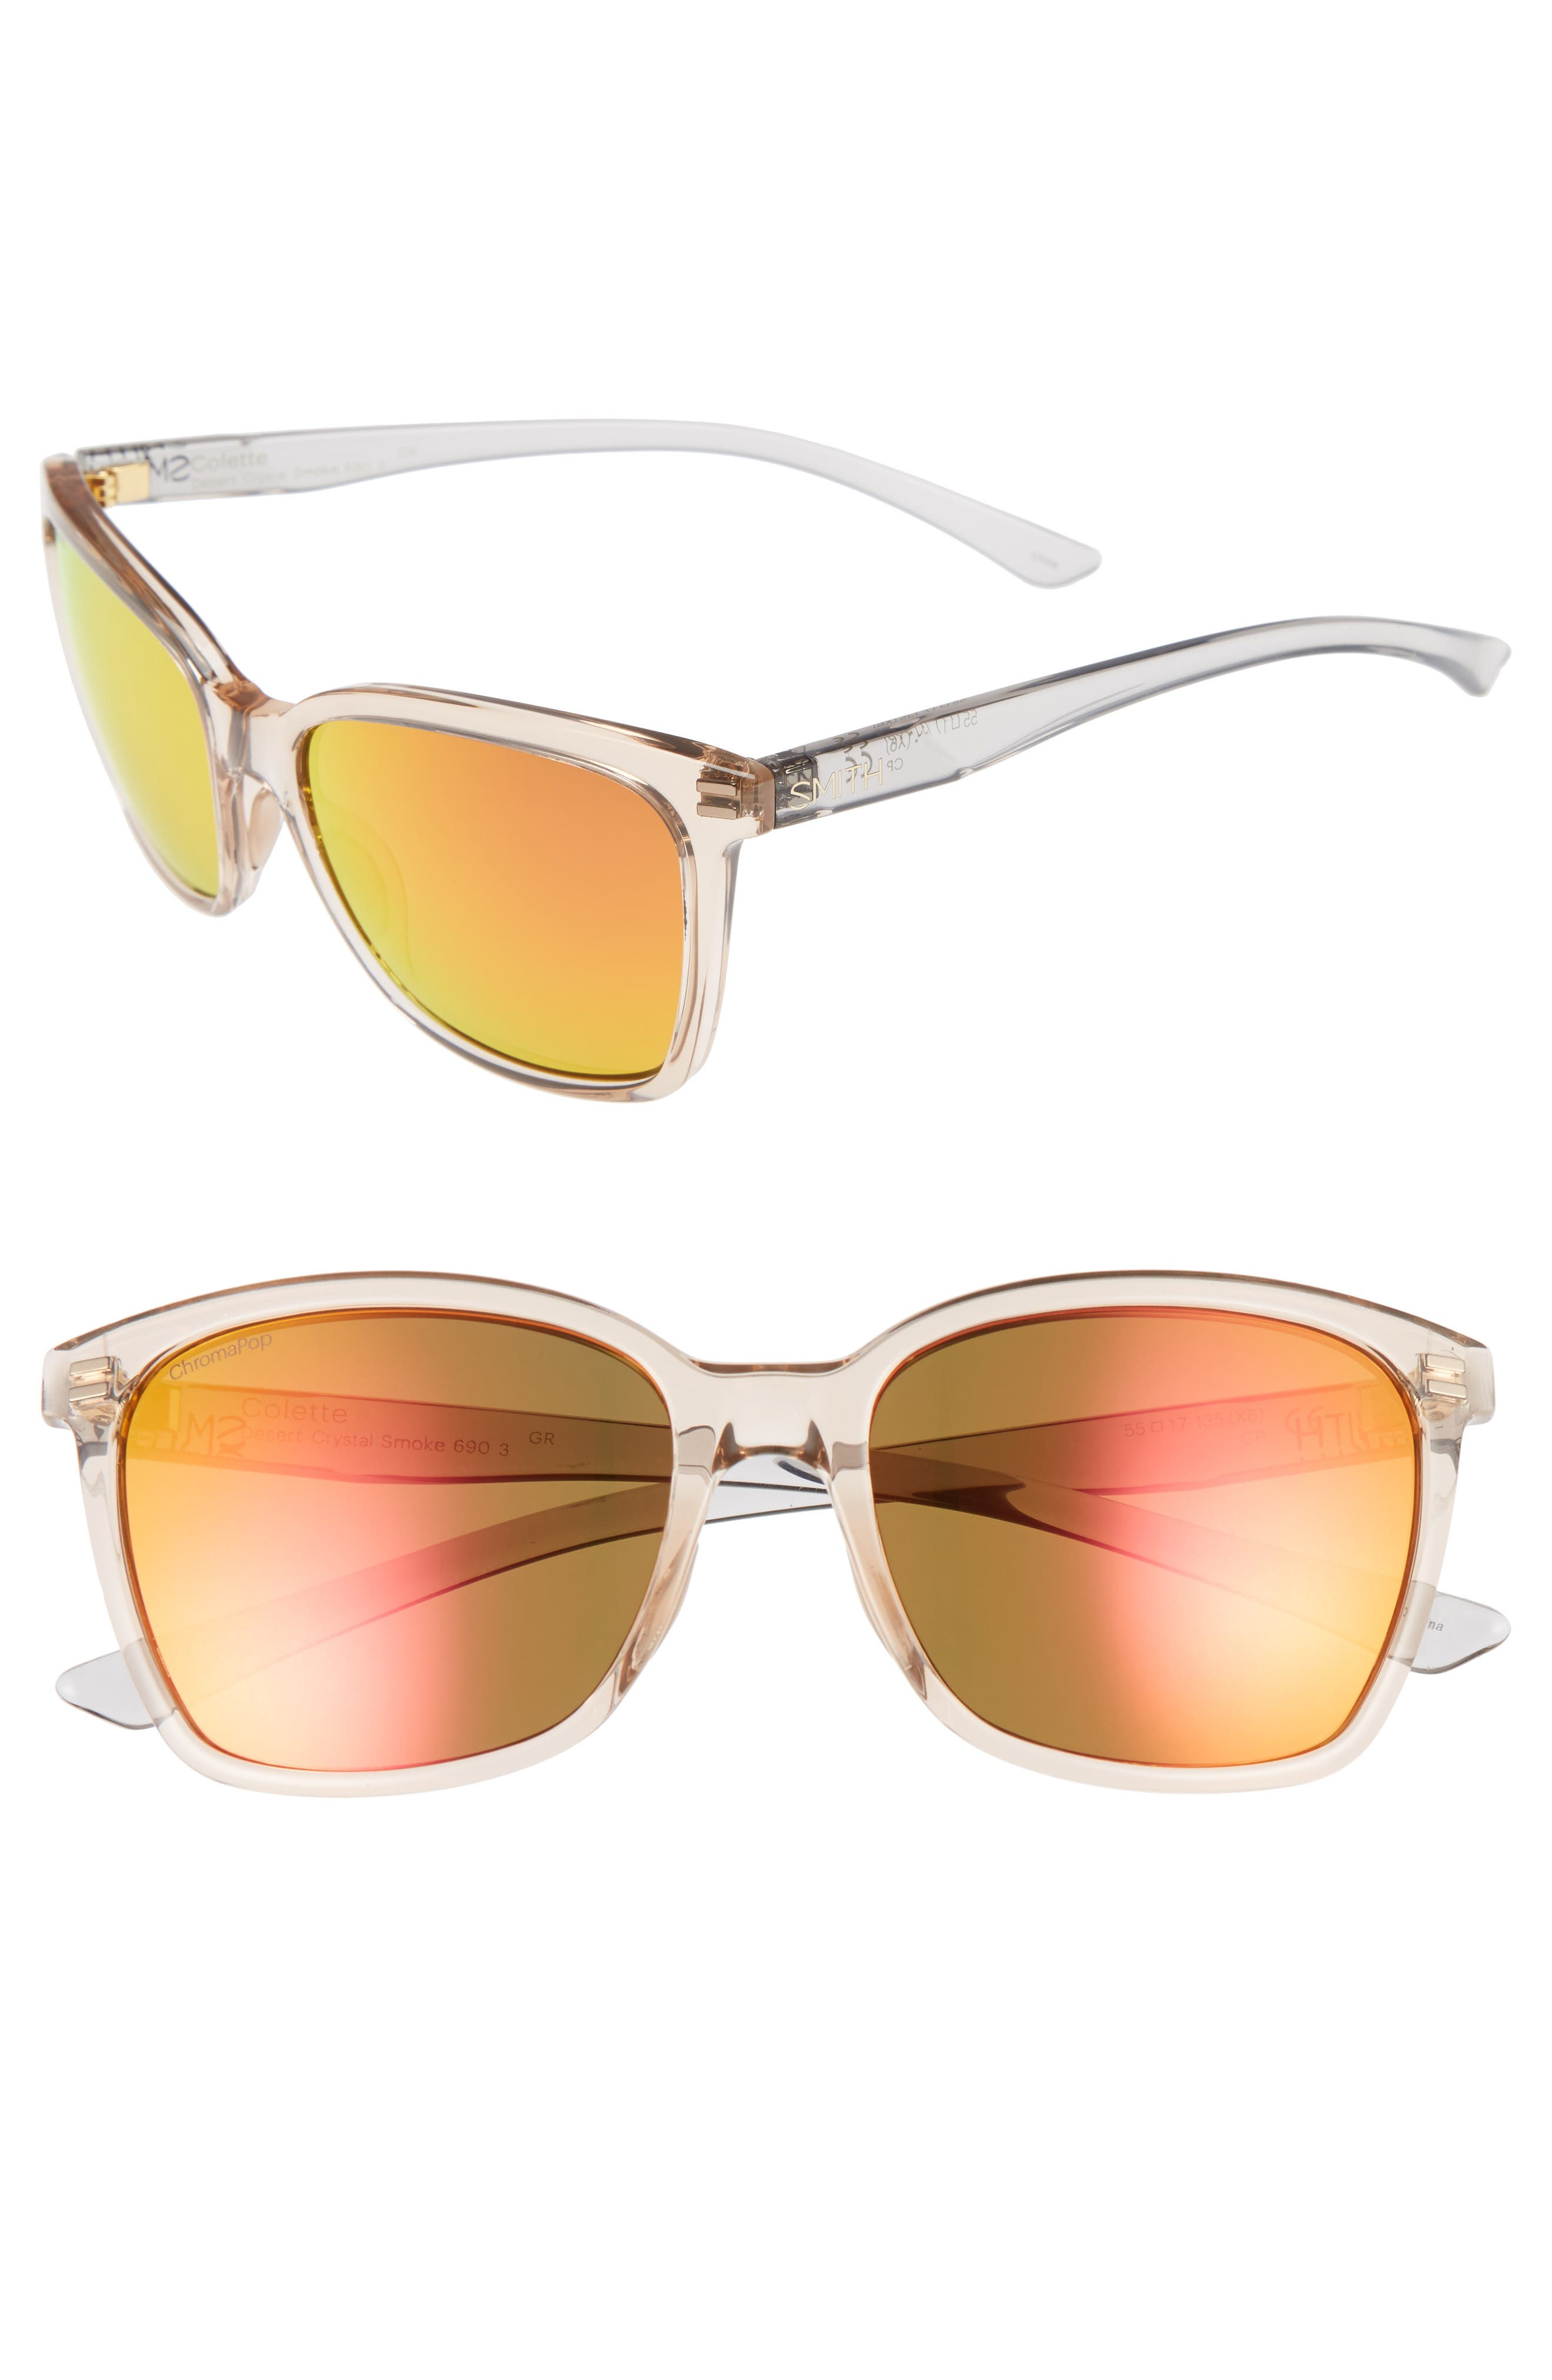 Colette Chromapop 55mm Polarized Mirrored Lens Sunglasses,                         Main,                         color, Desert Crystal/ Smoke